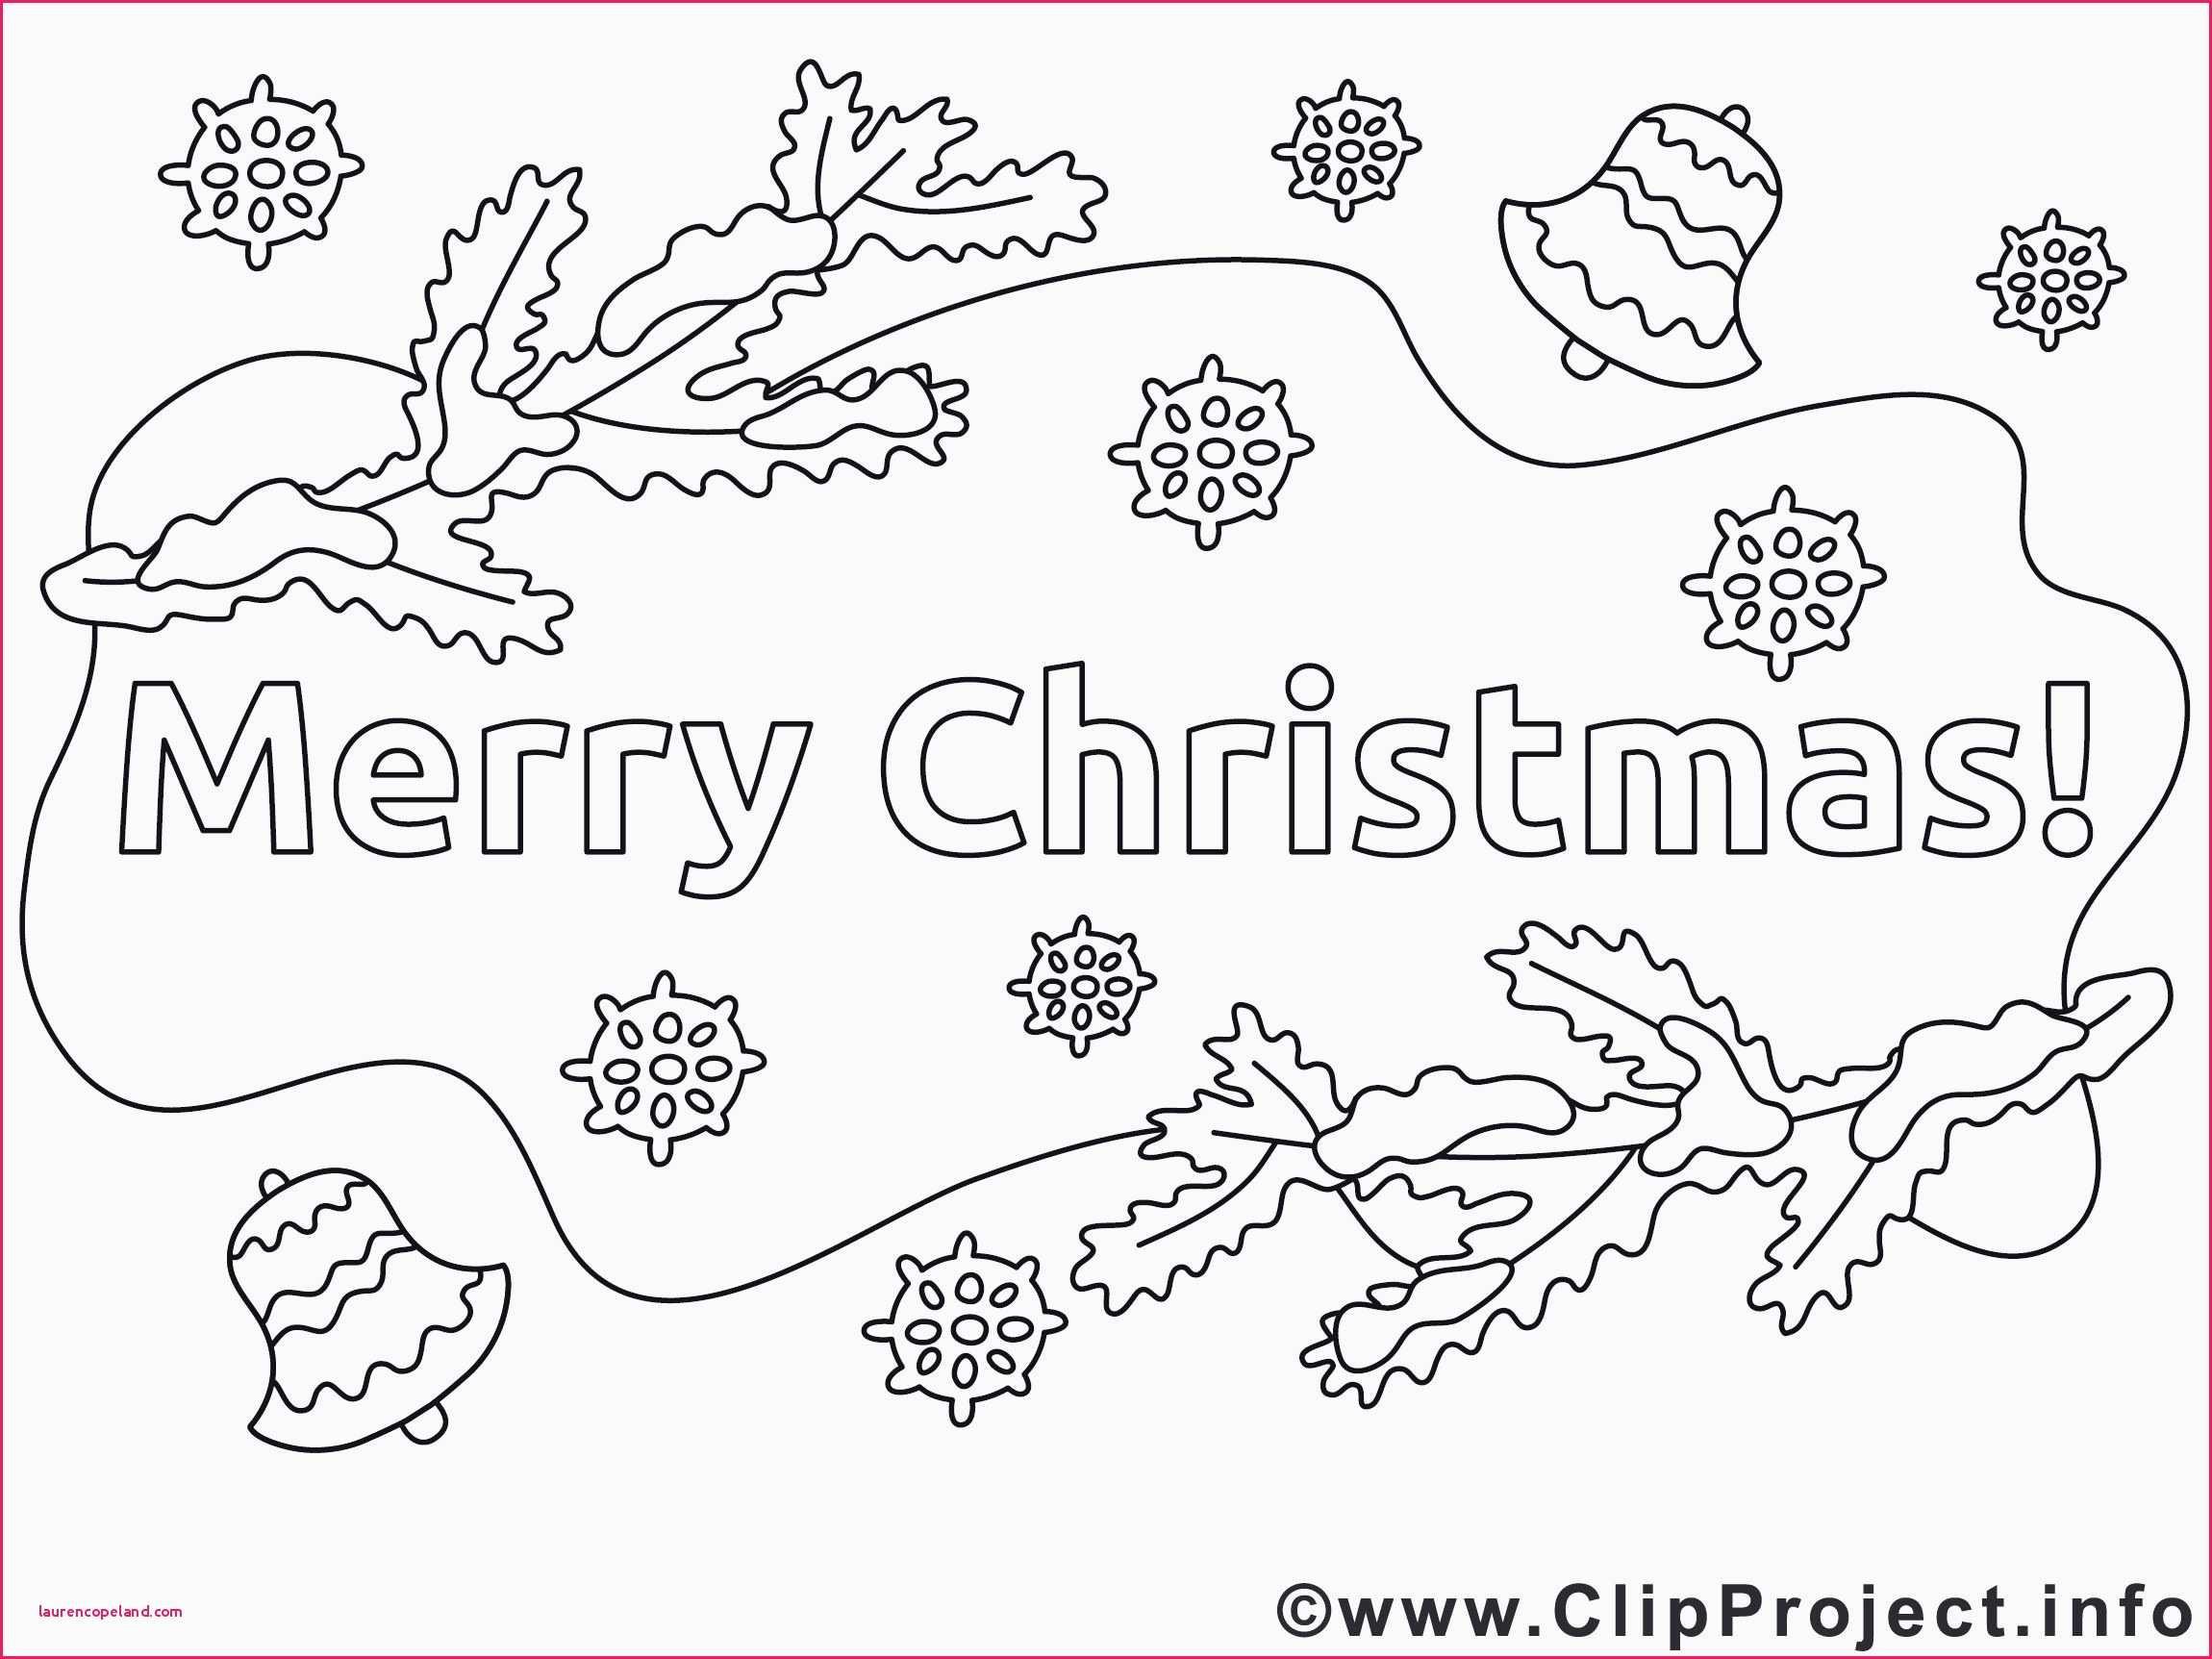 Window Color Vorlagen Weihnachten Rentier Das Beste Von Window Color Vorlagen Weihnachten Zum Ausdrucken 44 Trend Für Fotos